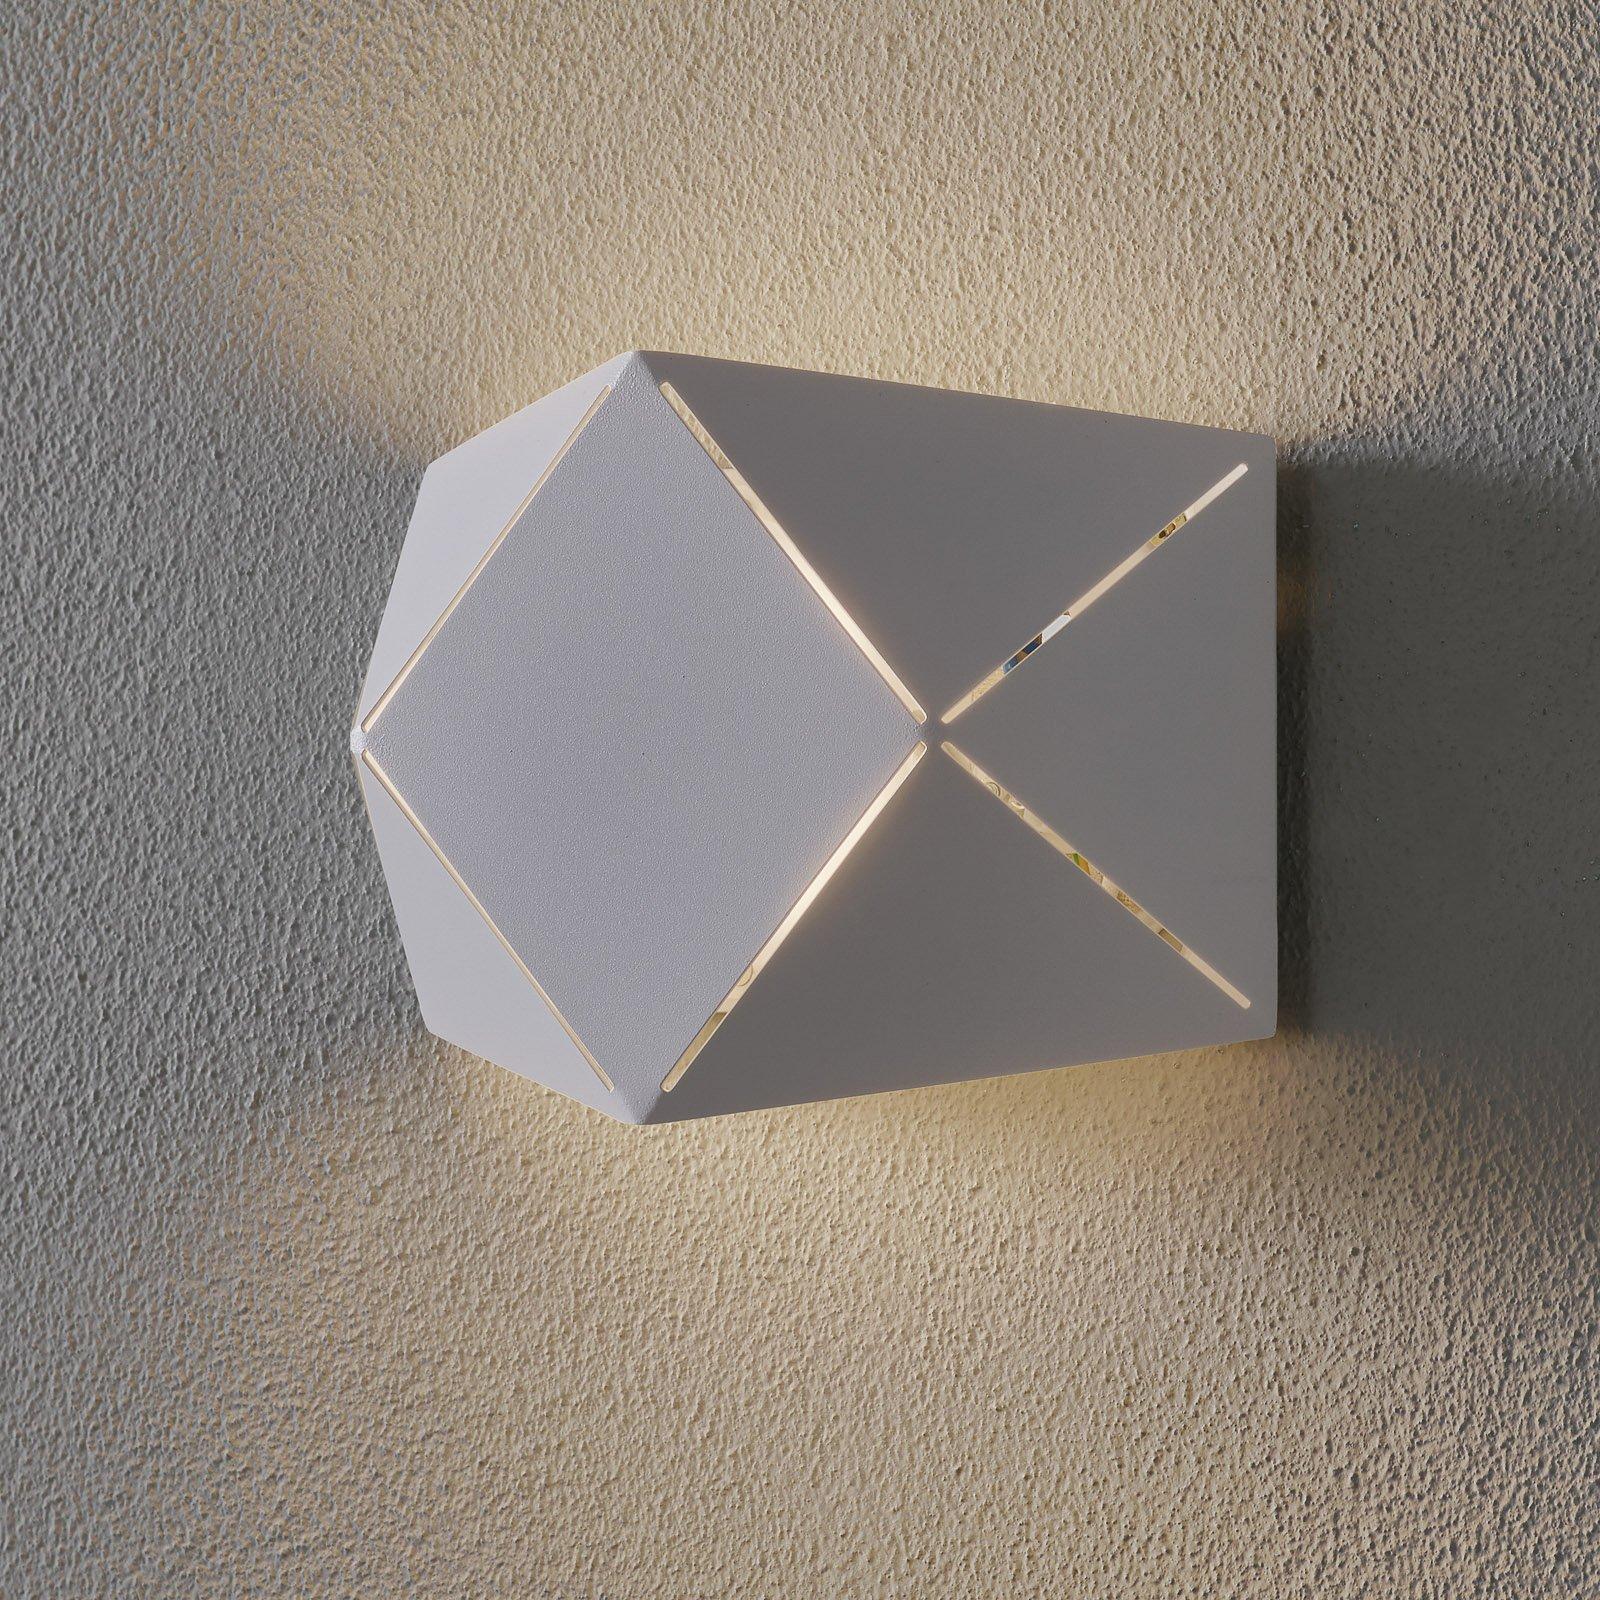 LED-vegglampe Zandor i hvit, bredde 18 cm